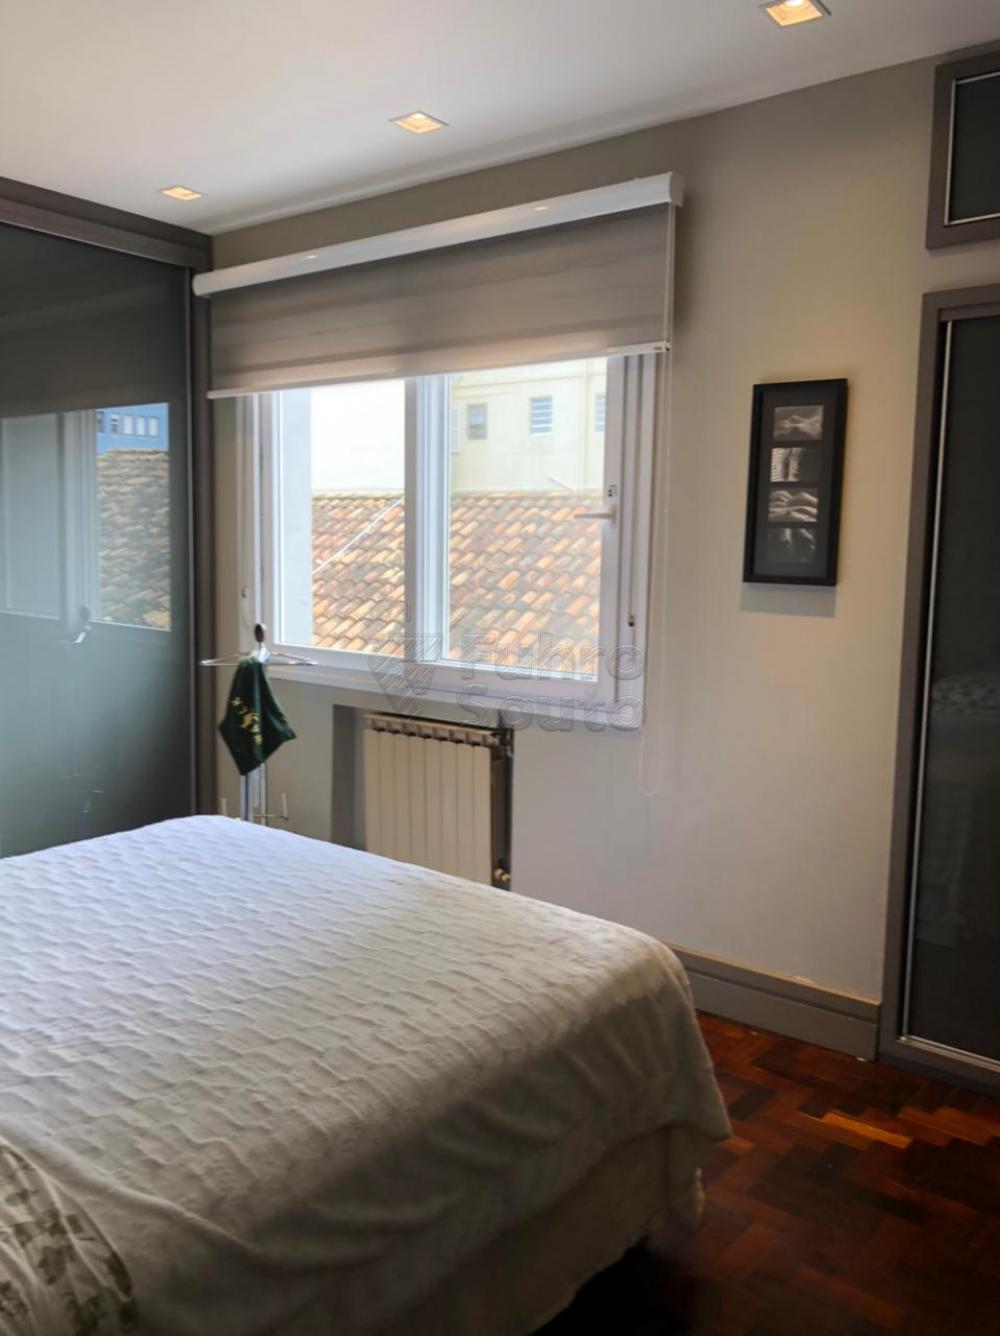 Comprar Apartamento / Padrão em Pelotas R$ 650.000,00 - Foto 13